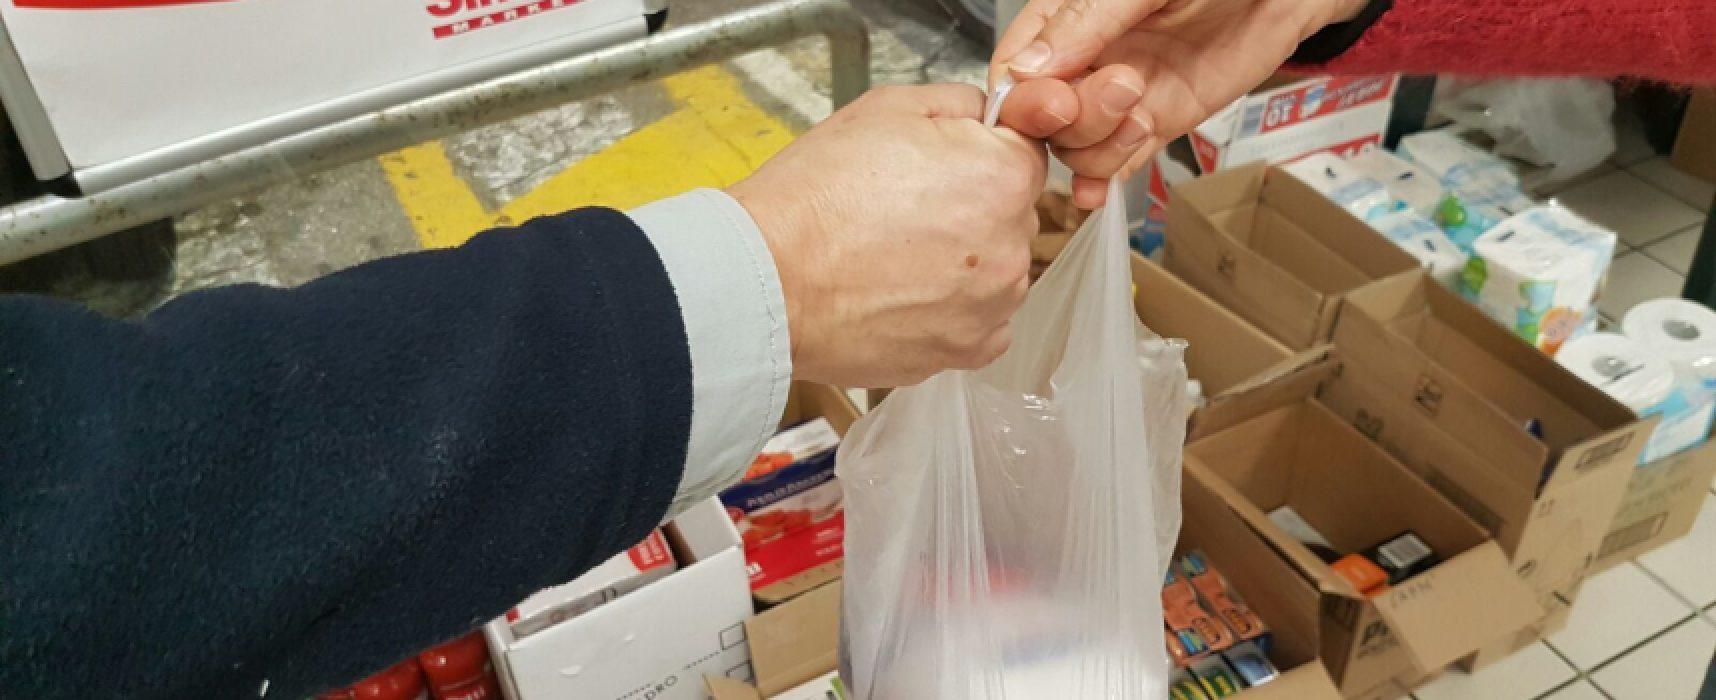 Caritas, quest'oggi la raccolta alimentare / Ecco i supermercati che aderiscono